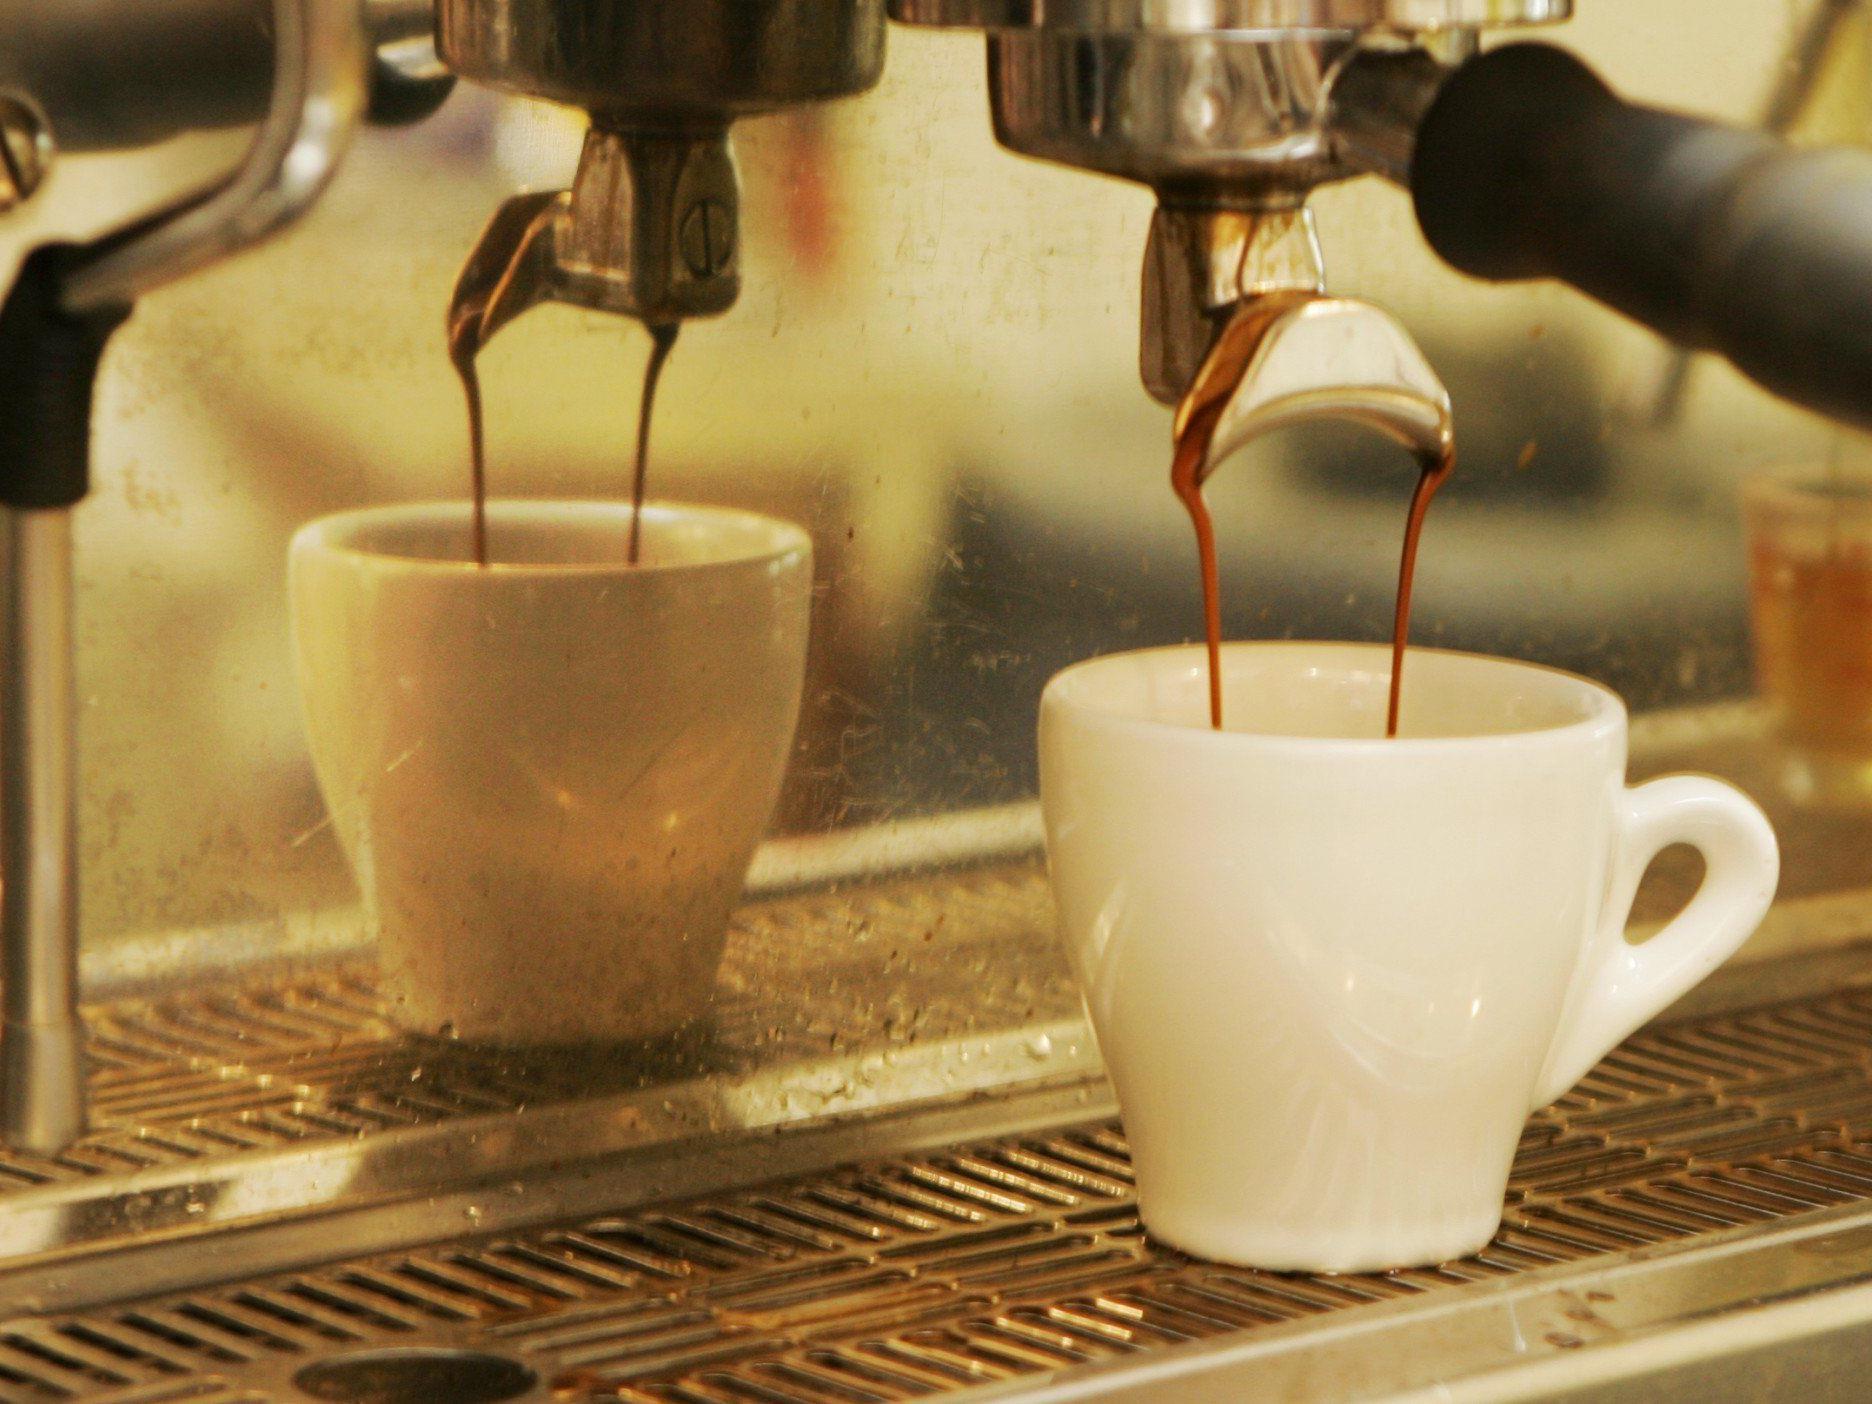 Bisher gab es wenig Beweise zur angeblich positiven Wirkung von Koffein auf das Gedächtnis.